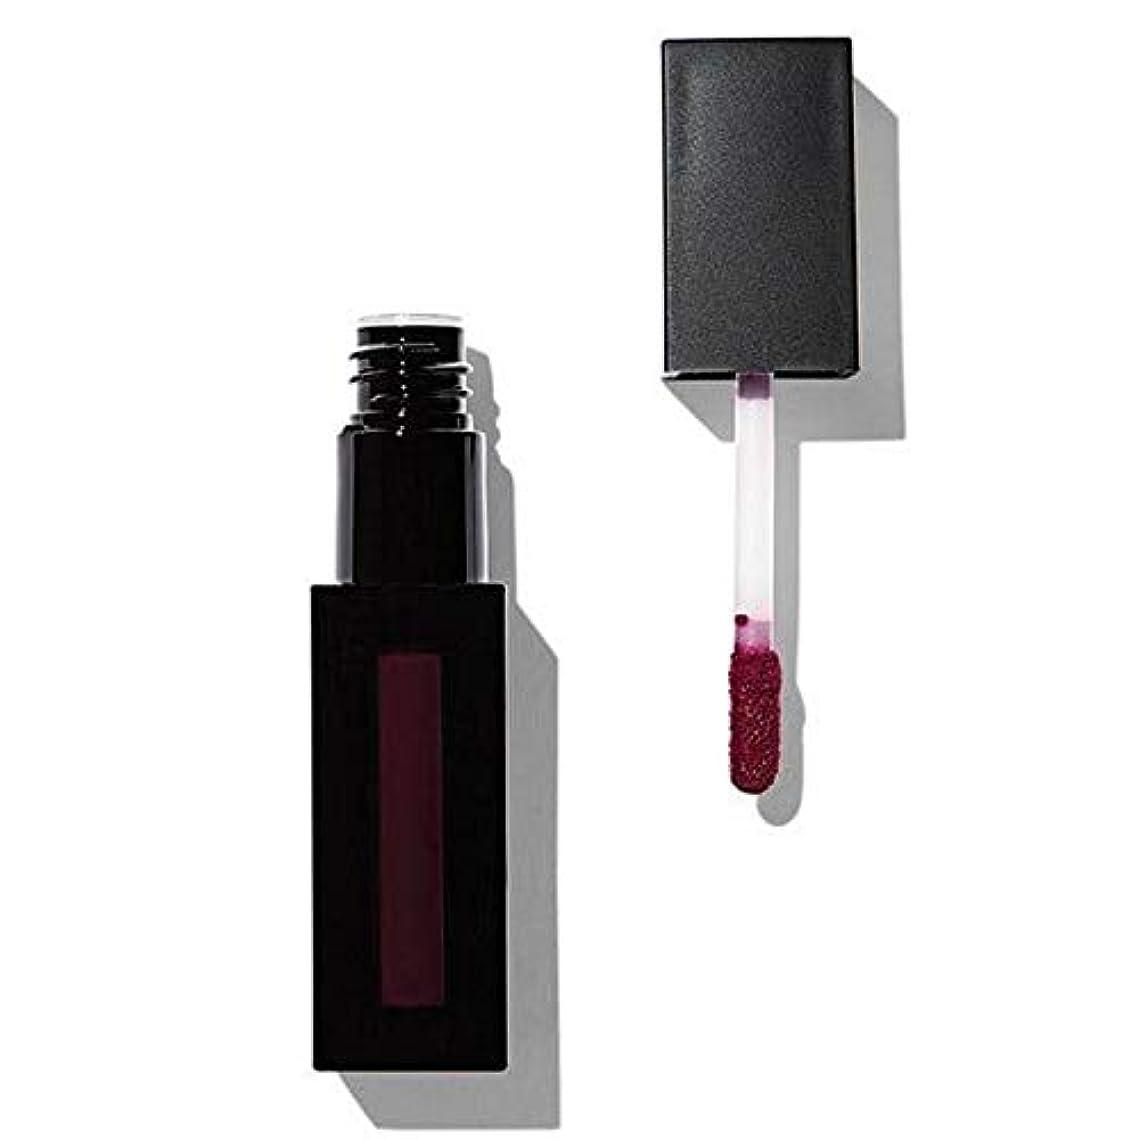 ポーク権利を与えるどうやって[Revolution ] 革命プロ最高のマットリップ顔料勘 - Revolution Pro Supreme Matte Lip Pigment Intuition [並行輸入品]